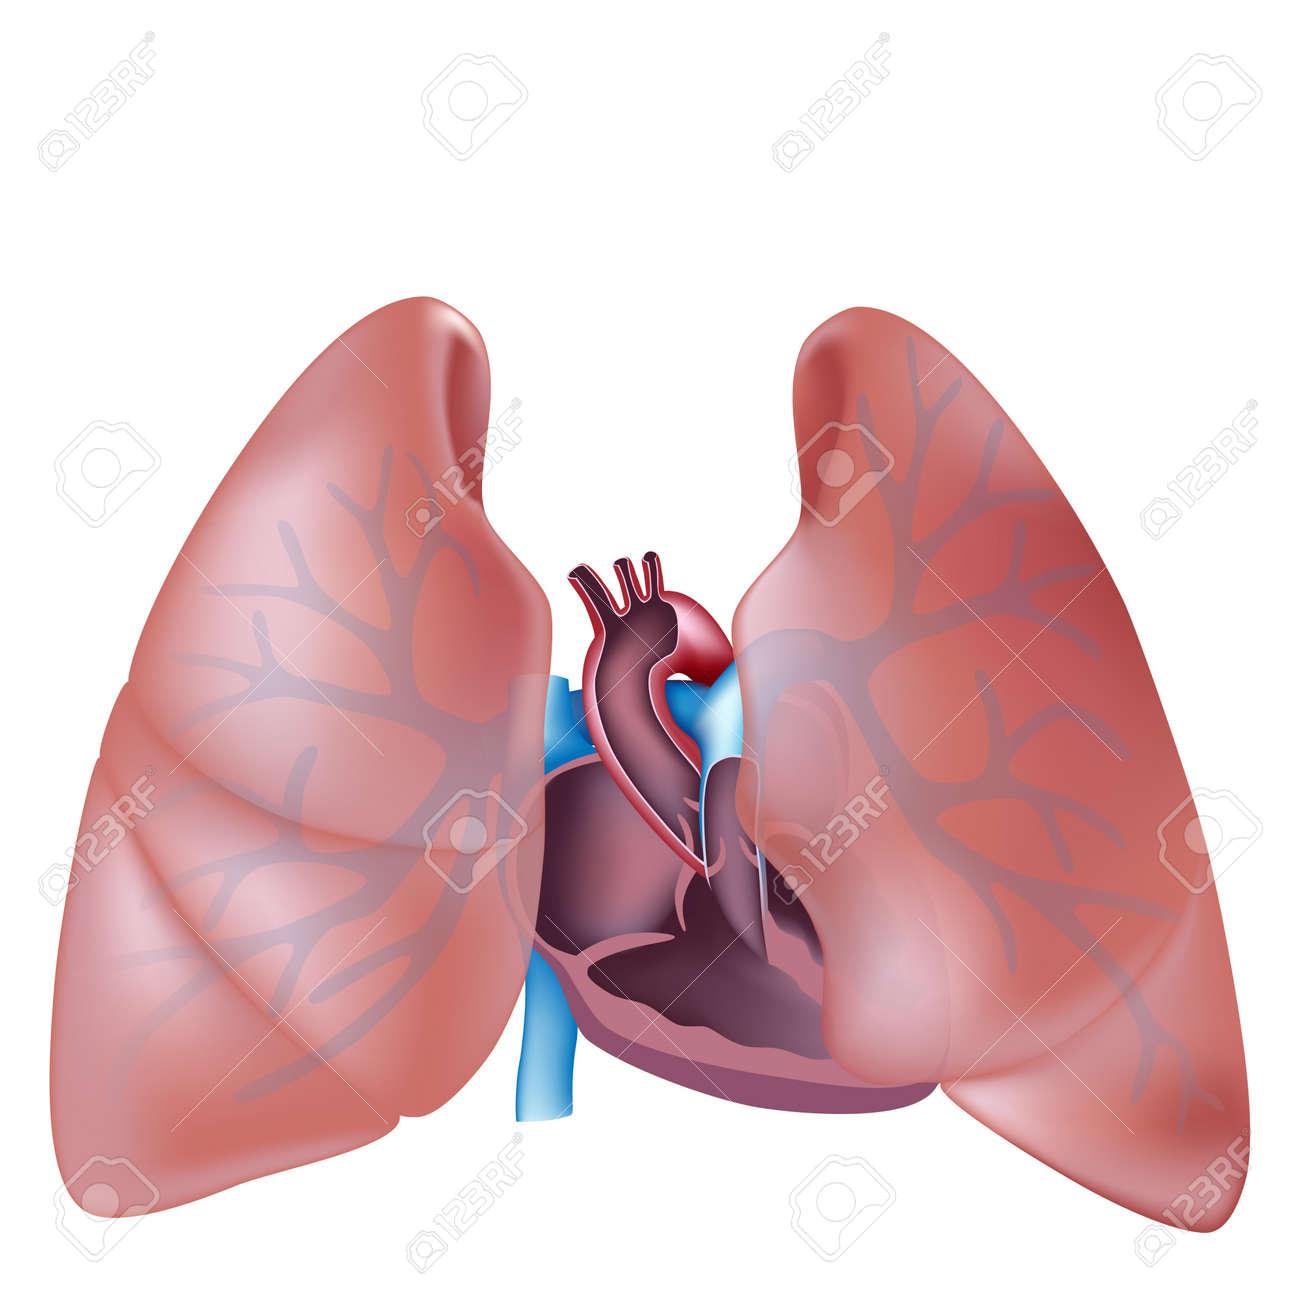 Corazón De La Sección Transversal Y La Anatomía De Los Pulmones ...